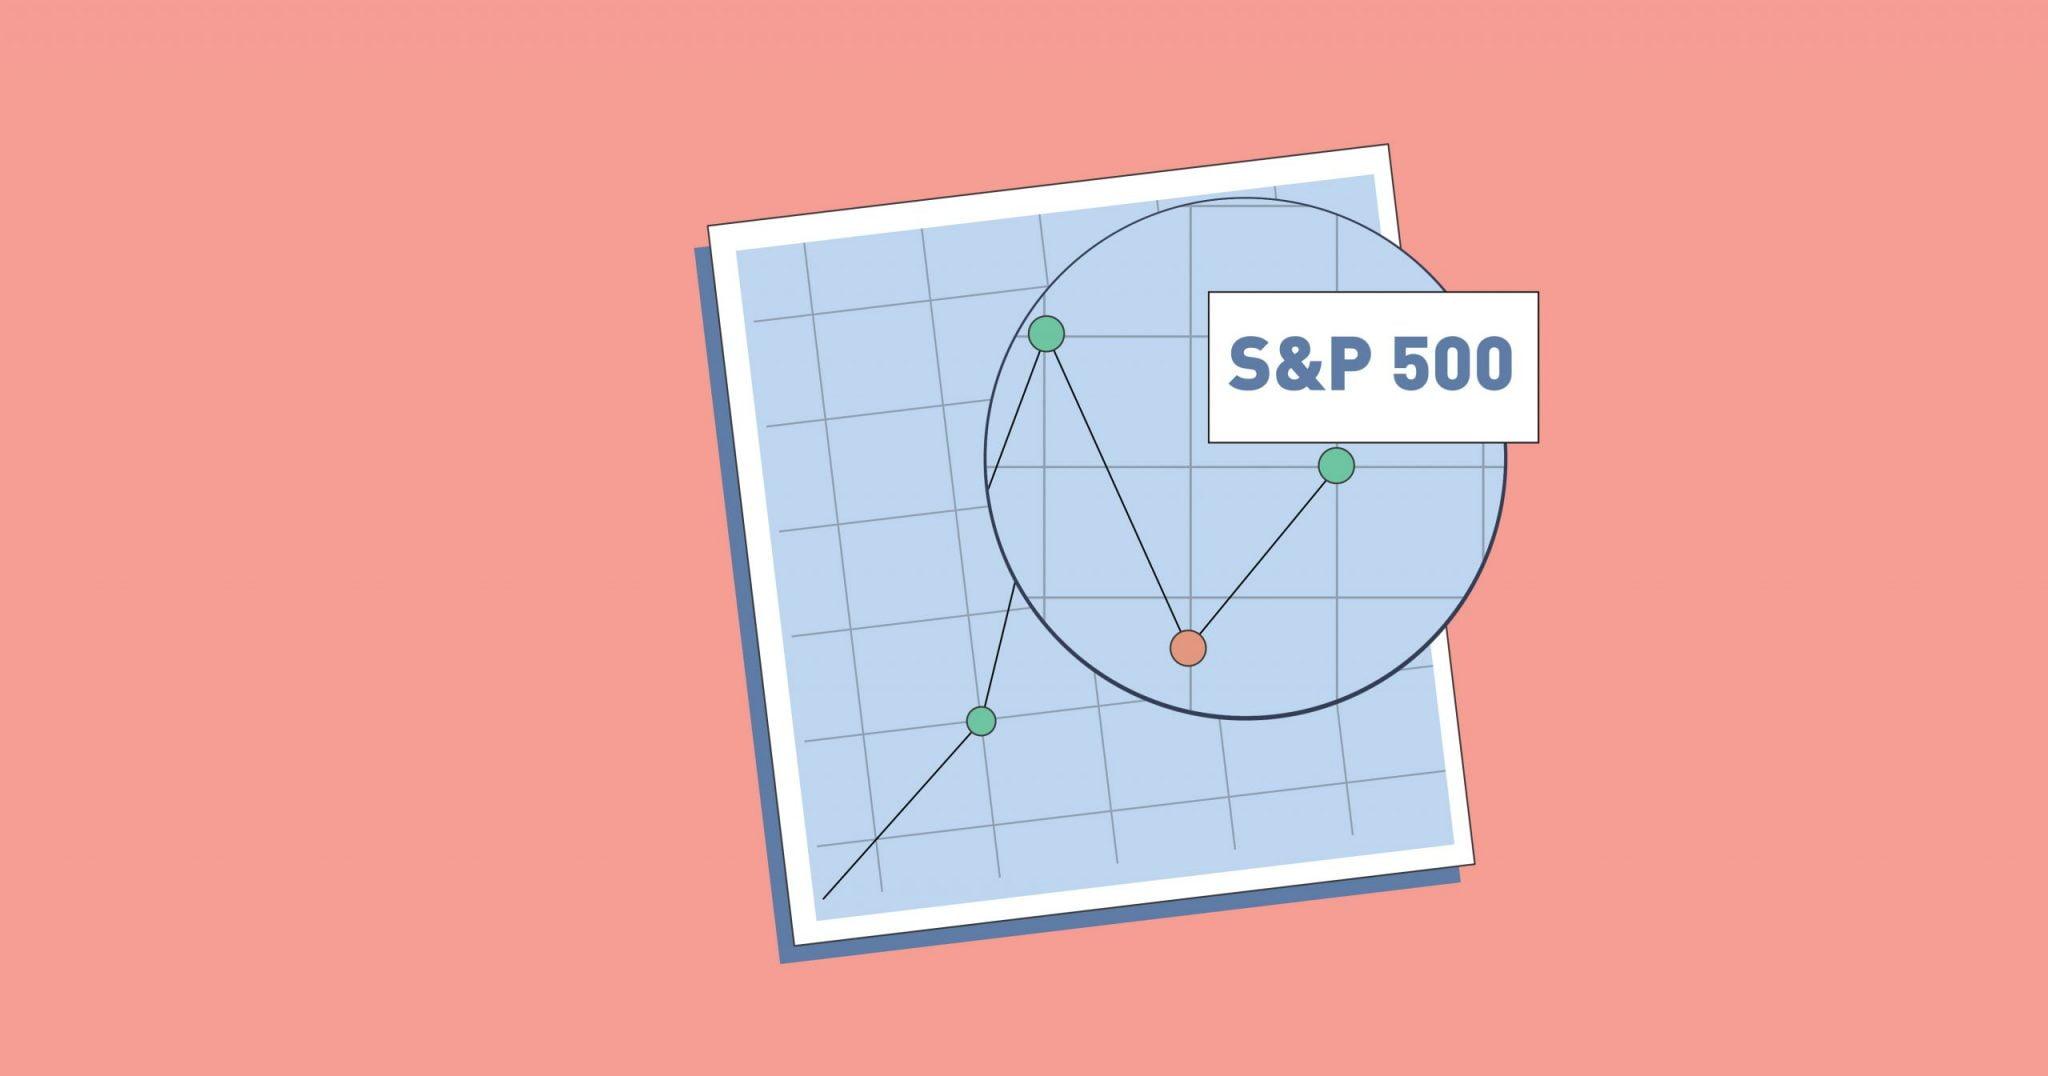 Apa dan Bagaimana Cara Investasi di Indeks Saham S&P 500?